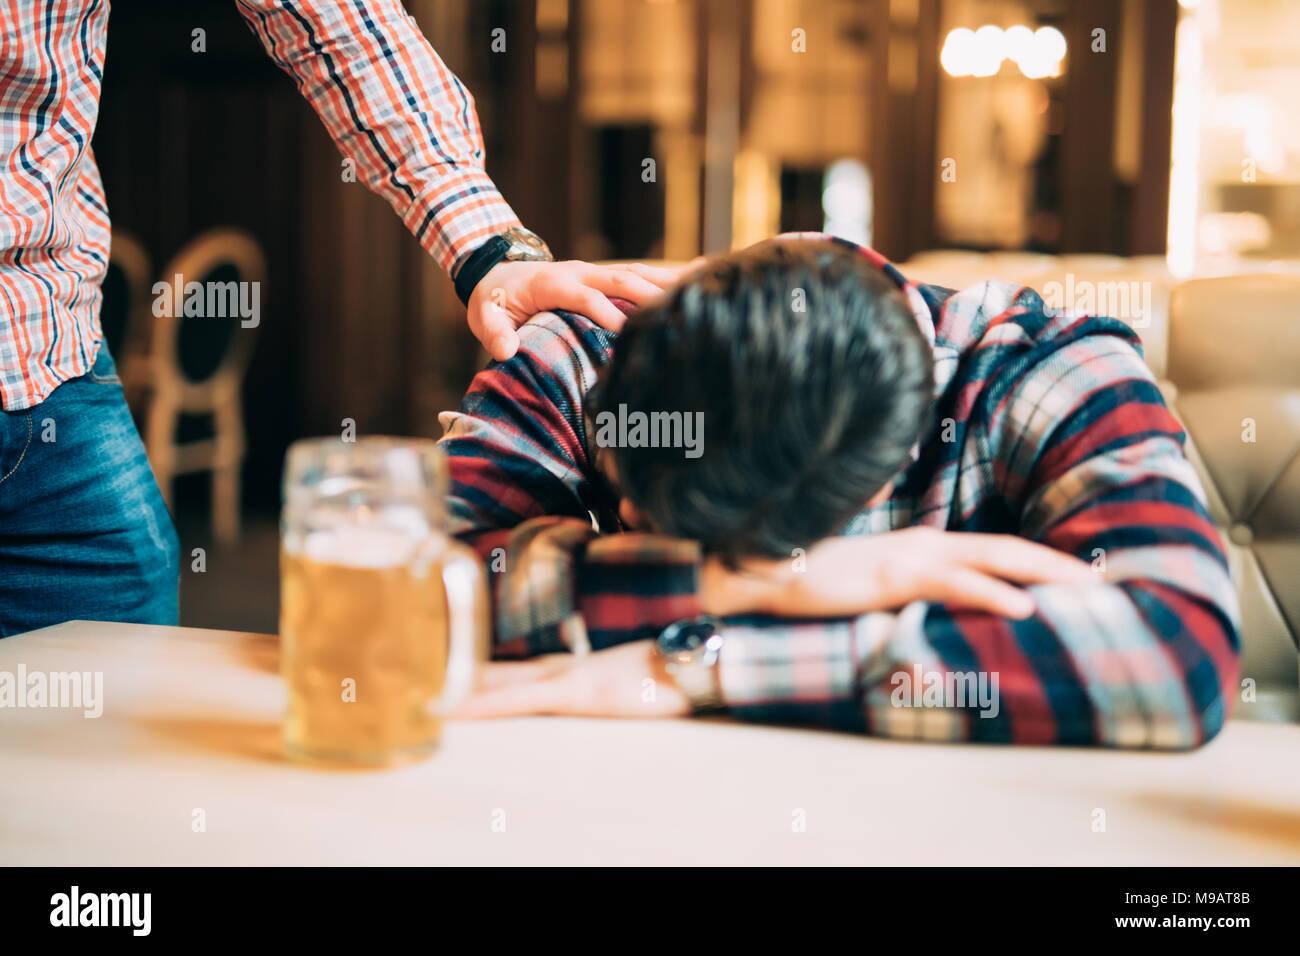 Menschen, Freizeit, Freundschaft und Party Konzept - Mann mit Bier seinen betrunkenen Freund schlafen auf dem Tisch an der Bar oder pub Aufwachen Stockbild